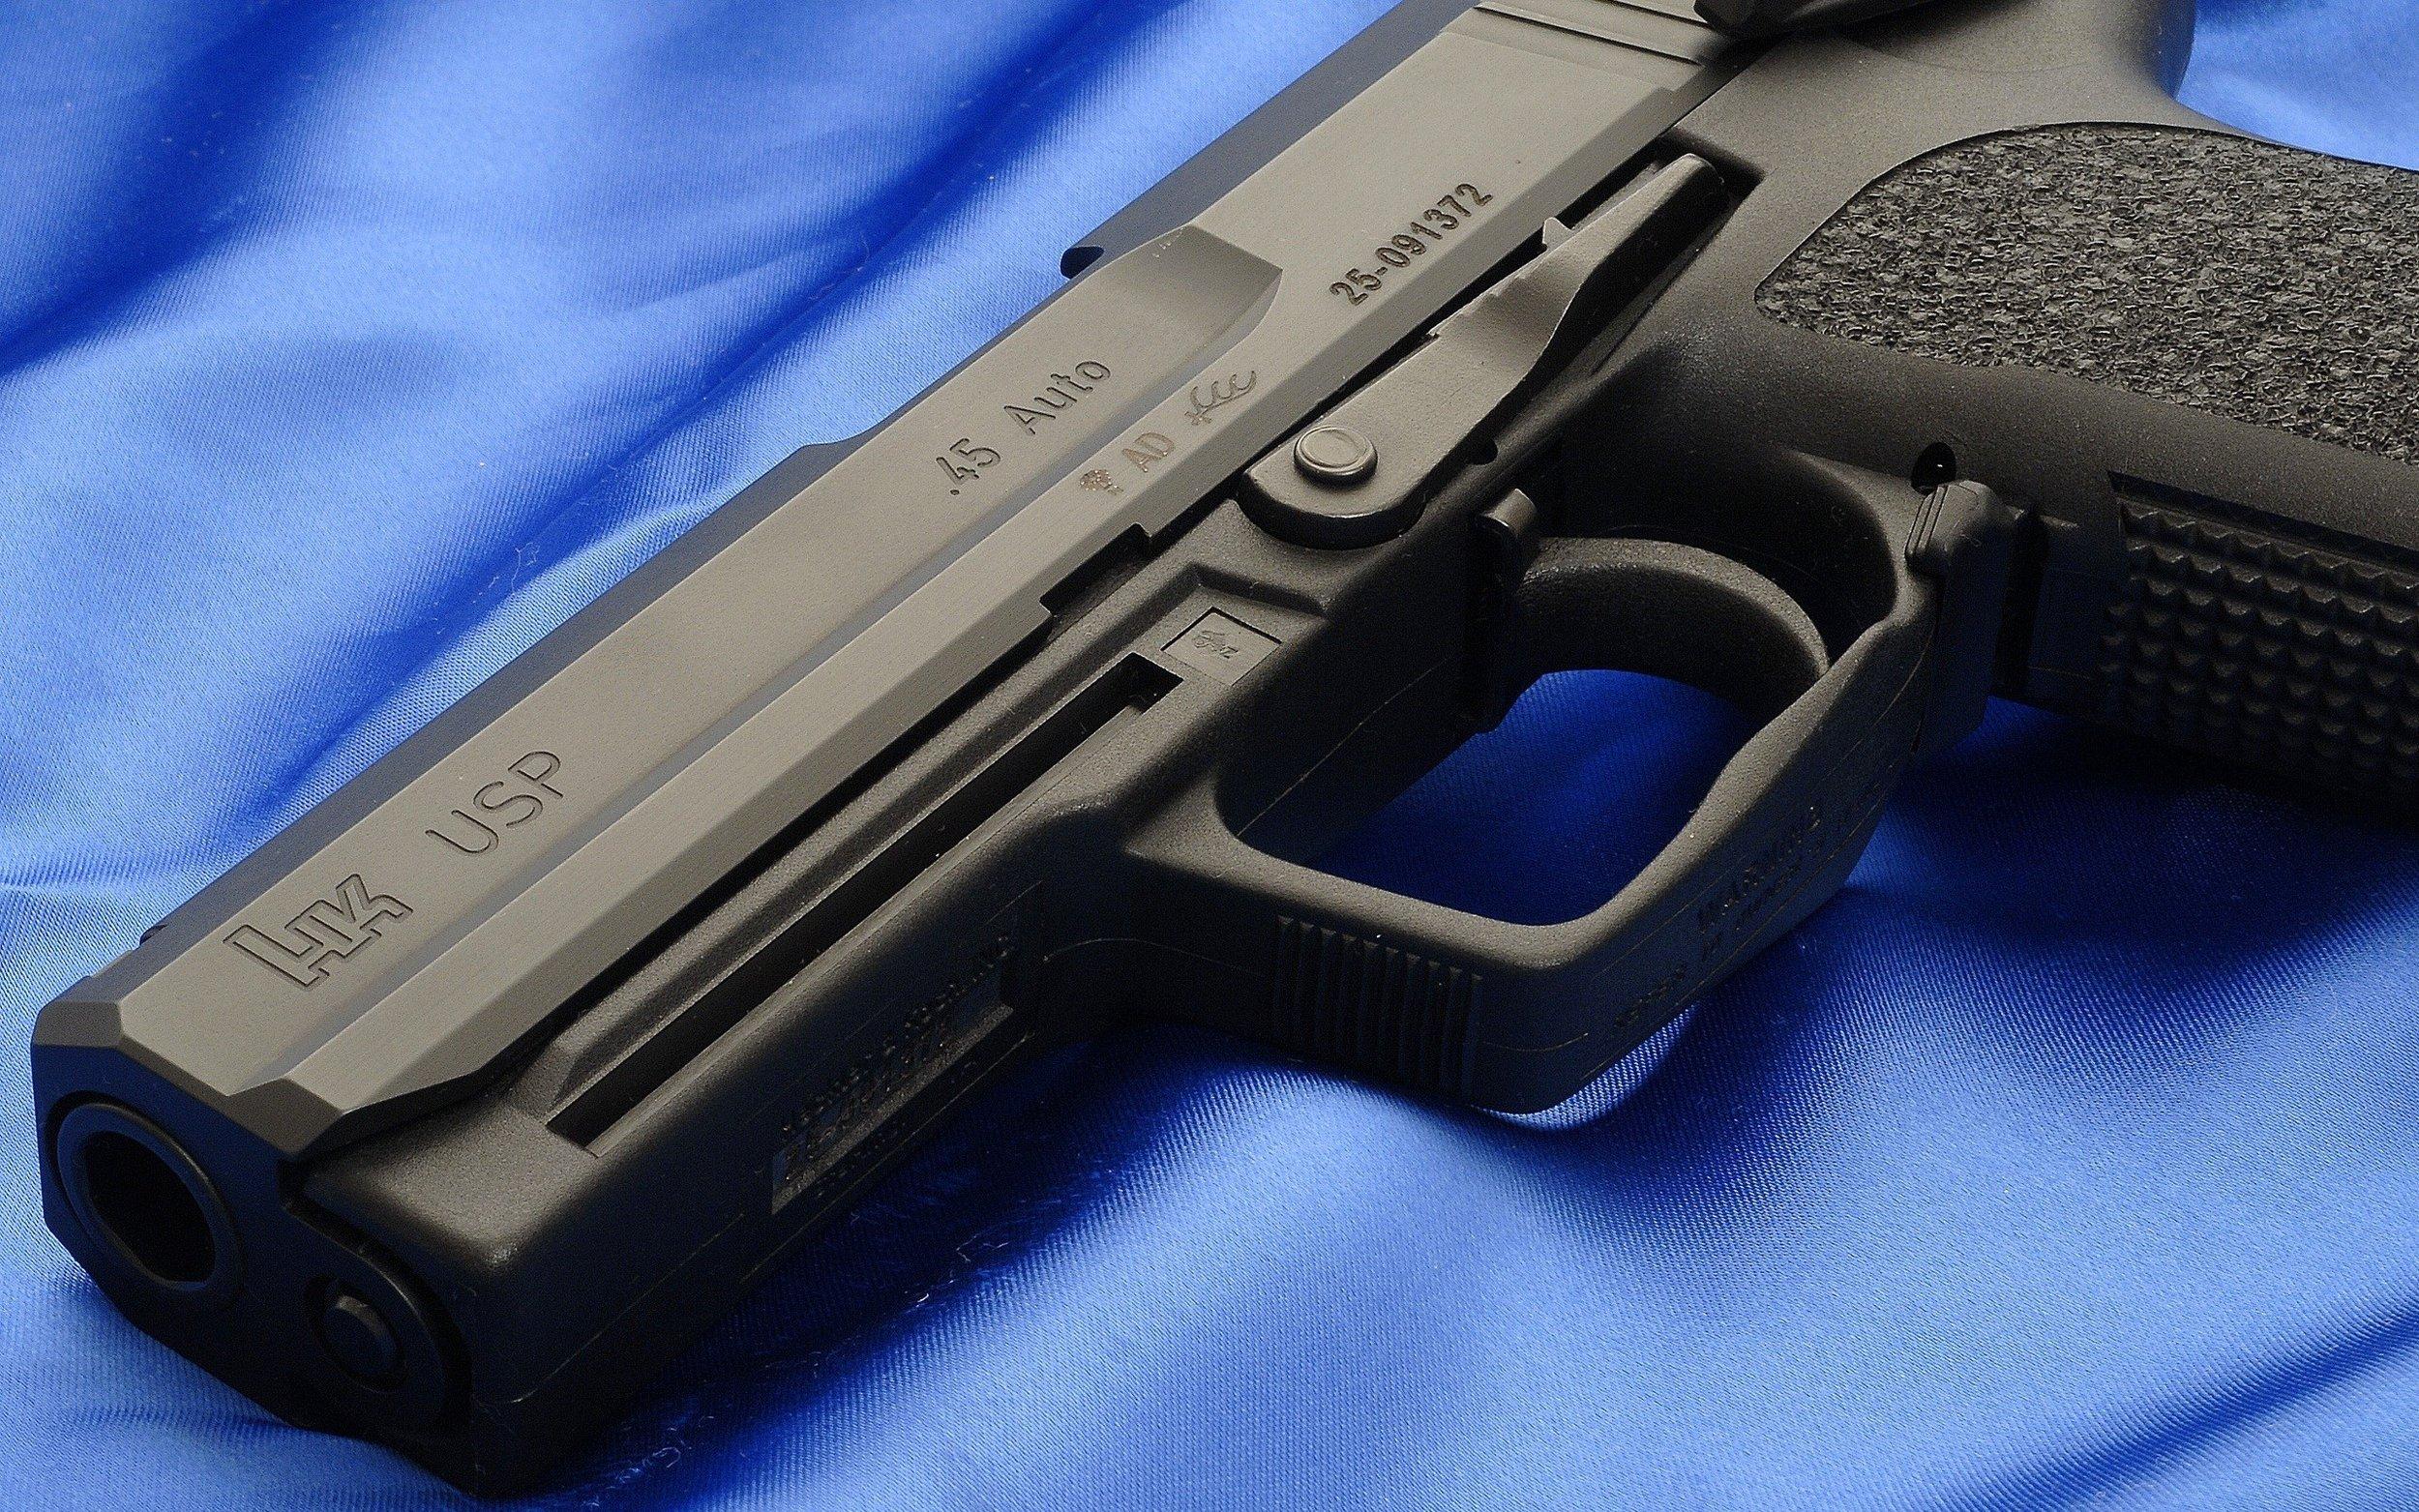 HK_Elite_Black_Gun_Weapons_HD_Wallpapers.jpg